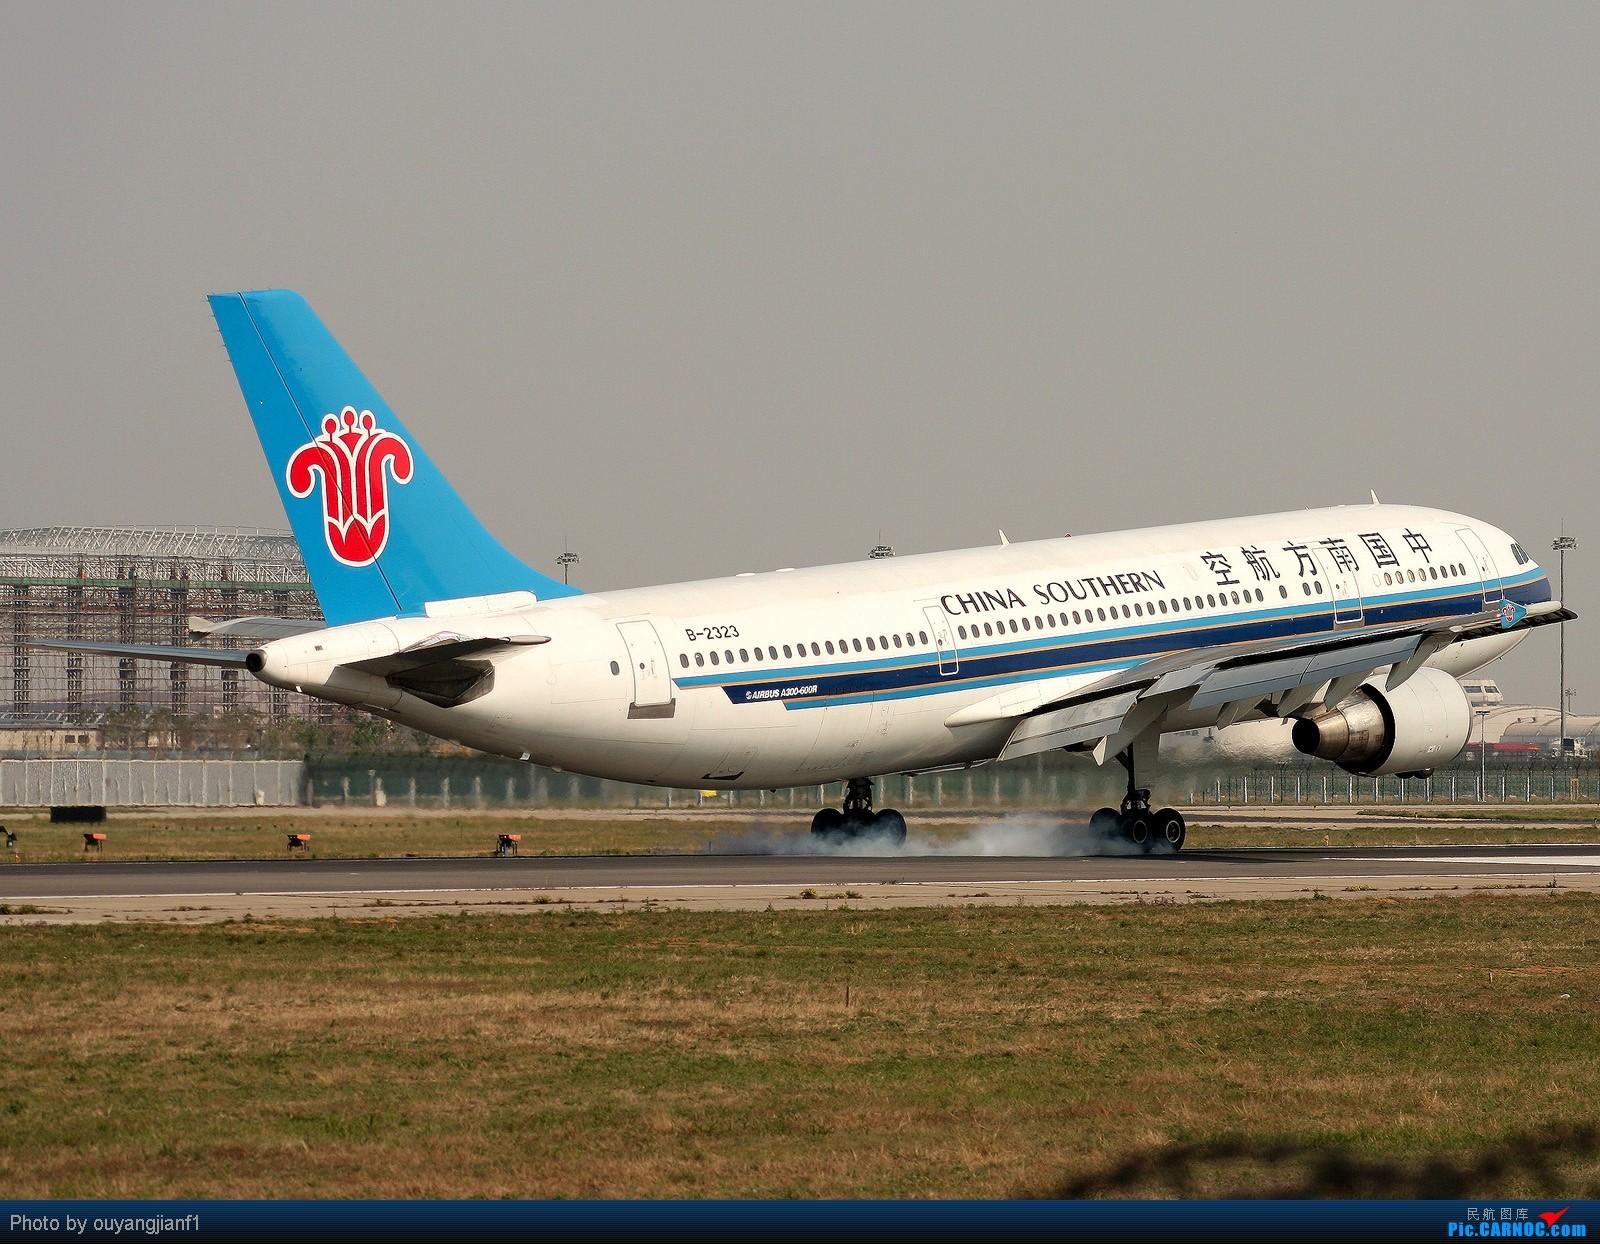 Re:[原创]快有一年没去西跑道了,拍机的感觉已逐渐淡忘,但是只要心中有梦,手中有单反,一切皆有可能! AIRBUS A300-600R B-2323 北京